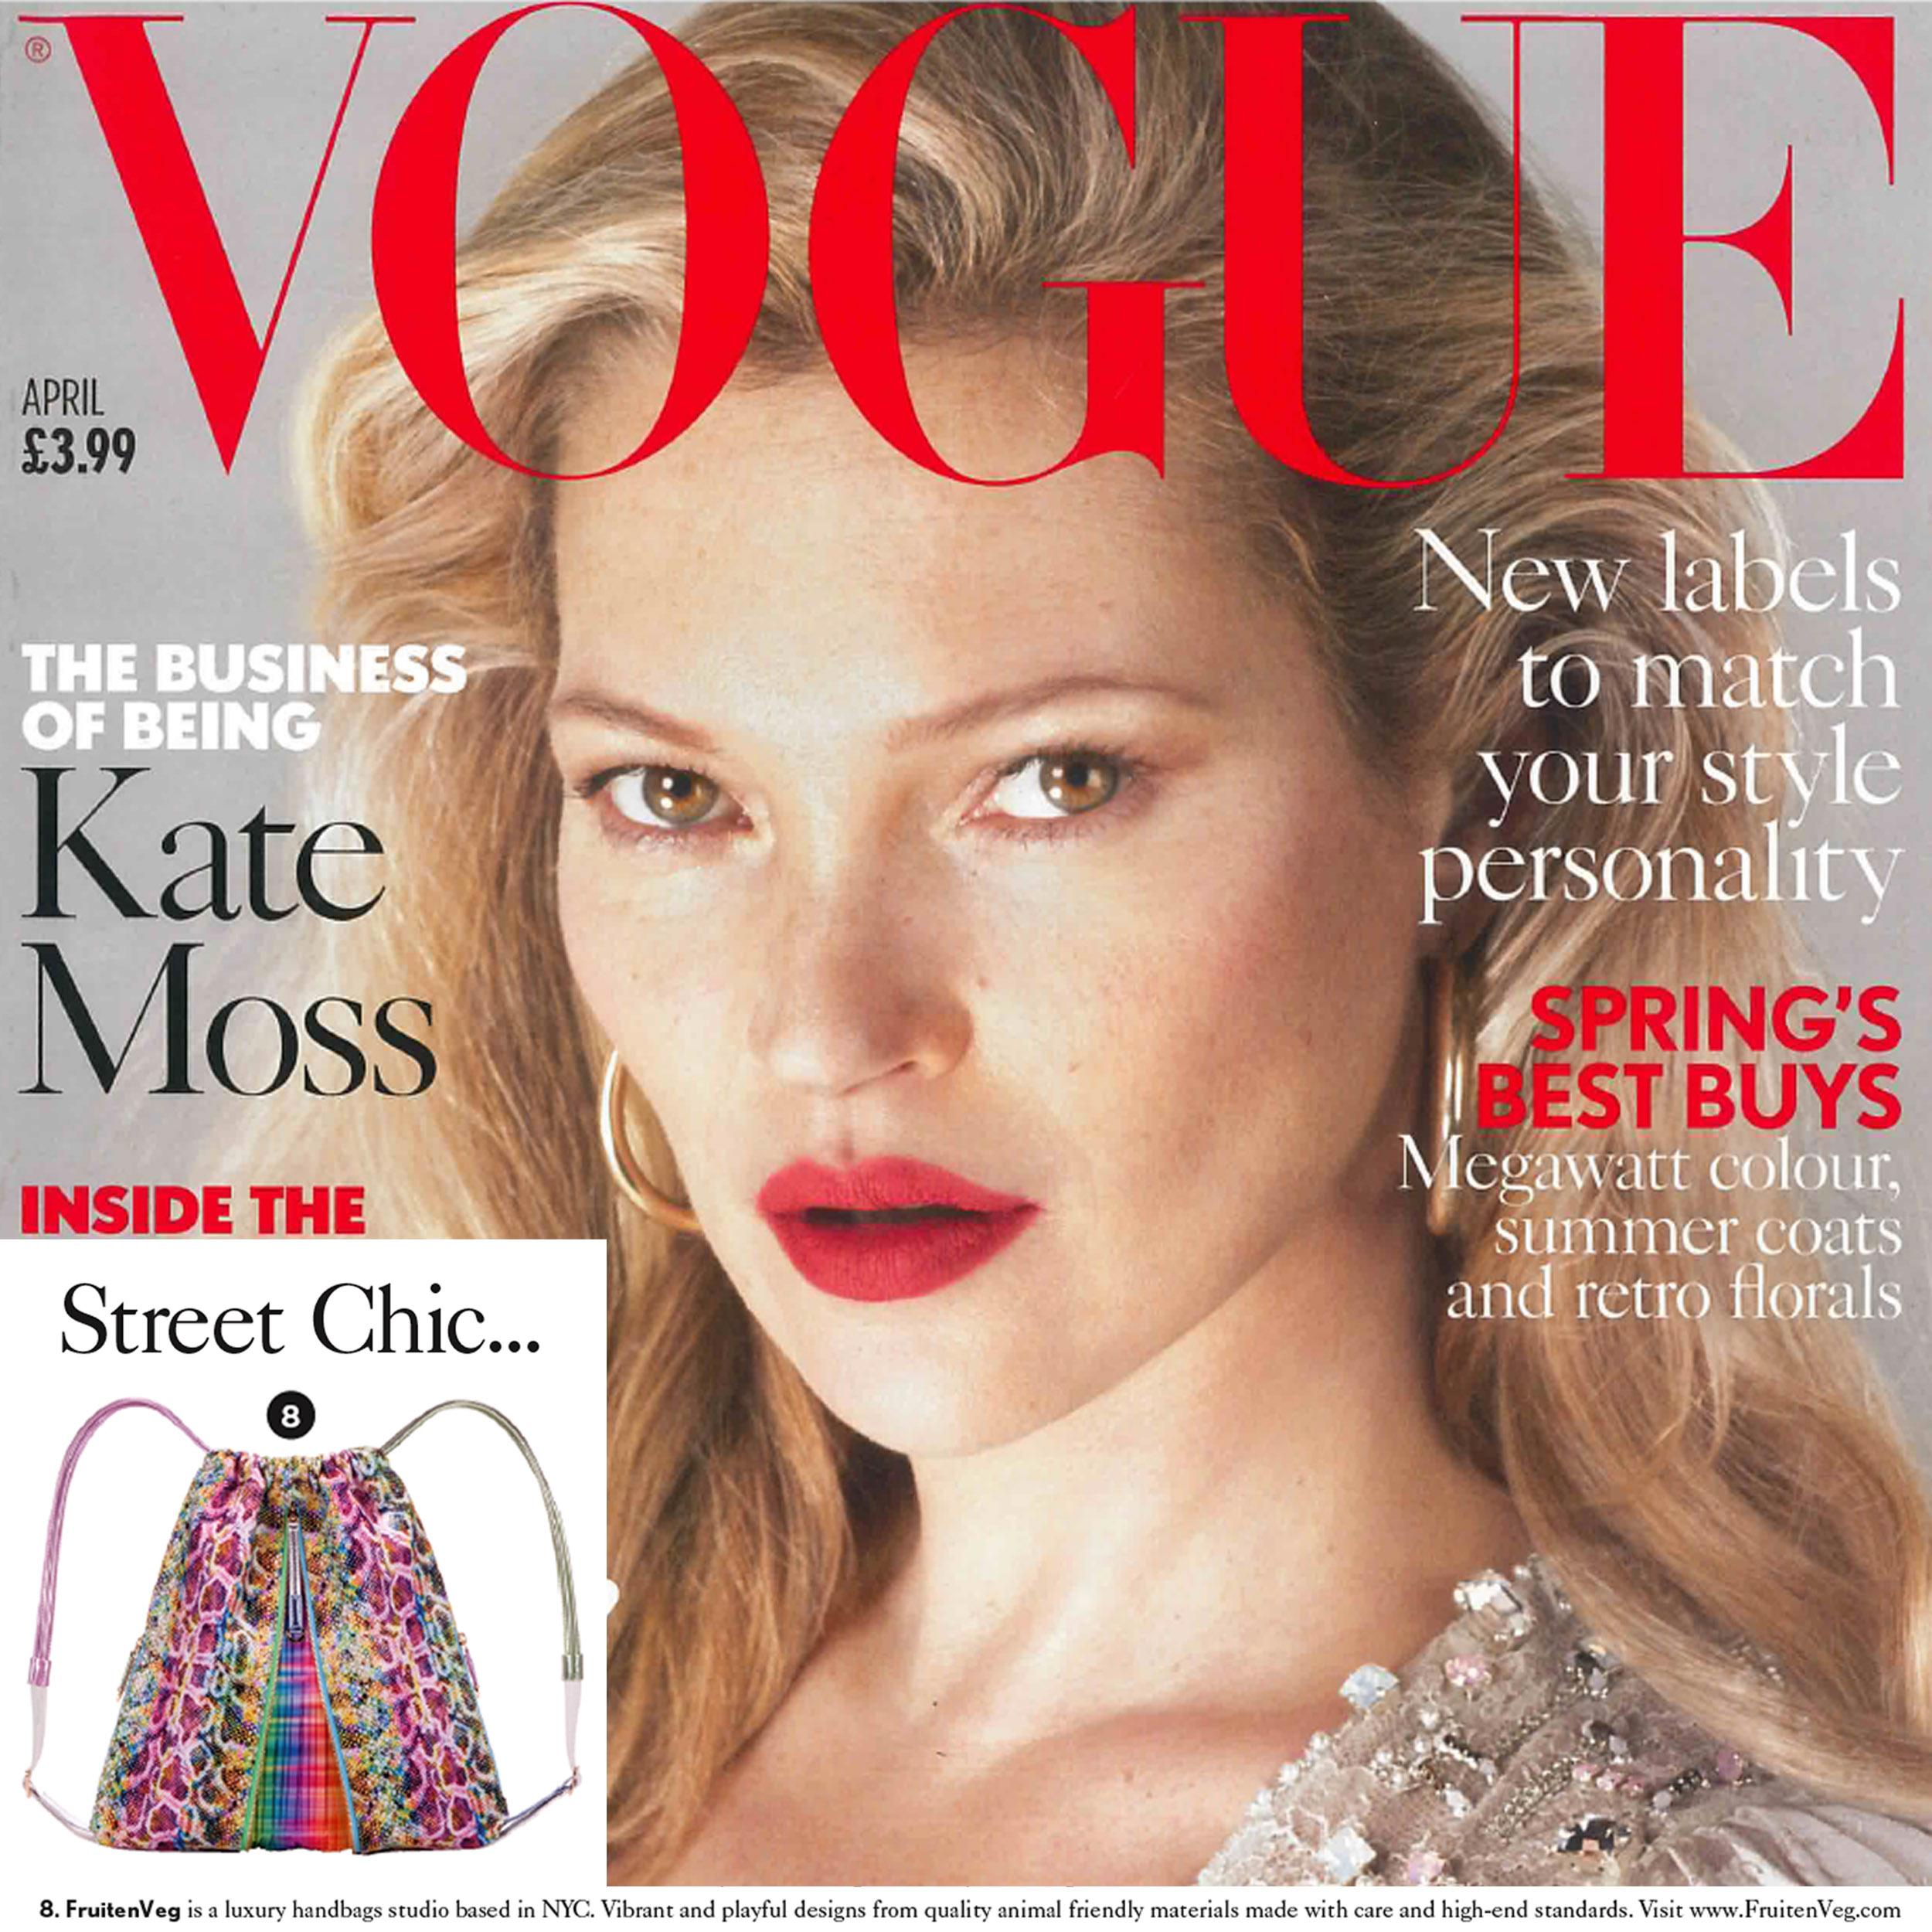 FruitenVeg Mishi vegan leather backpack in British Vogue April issue